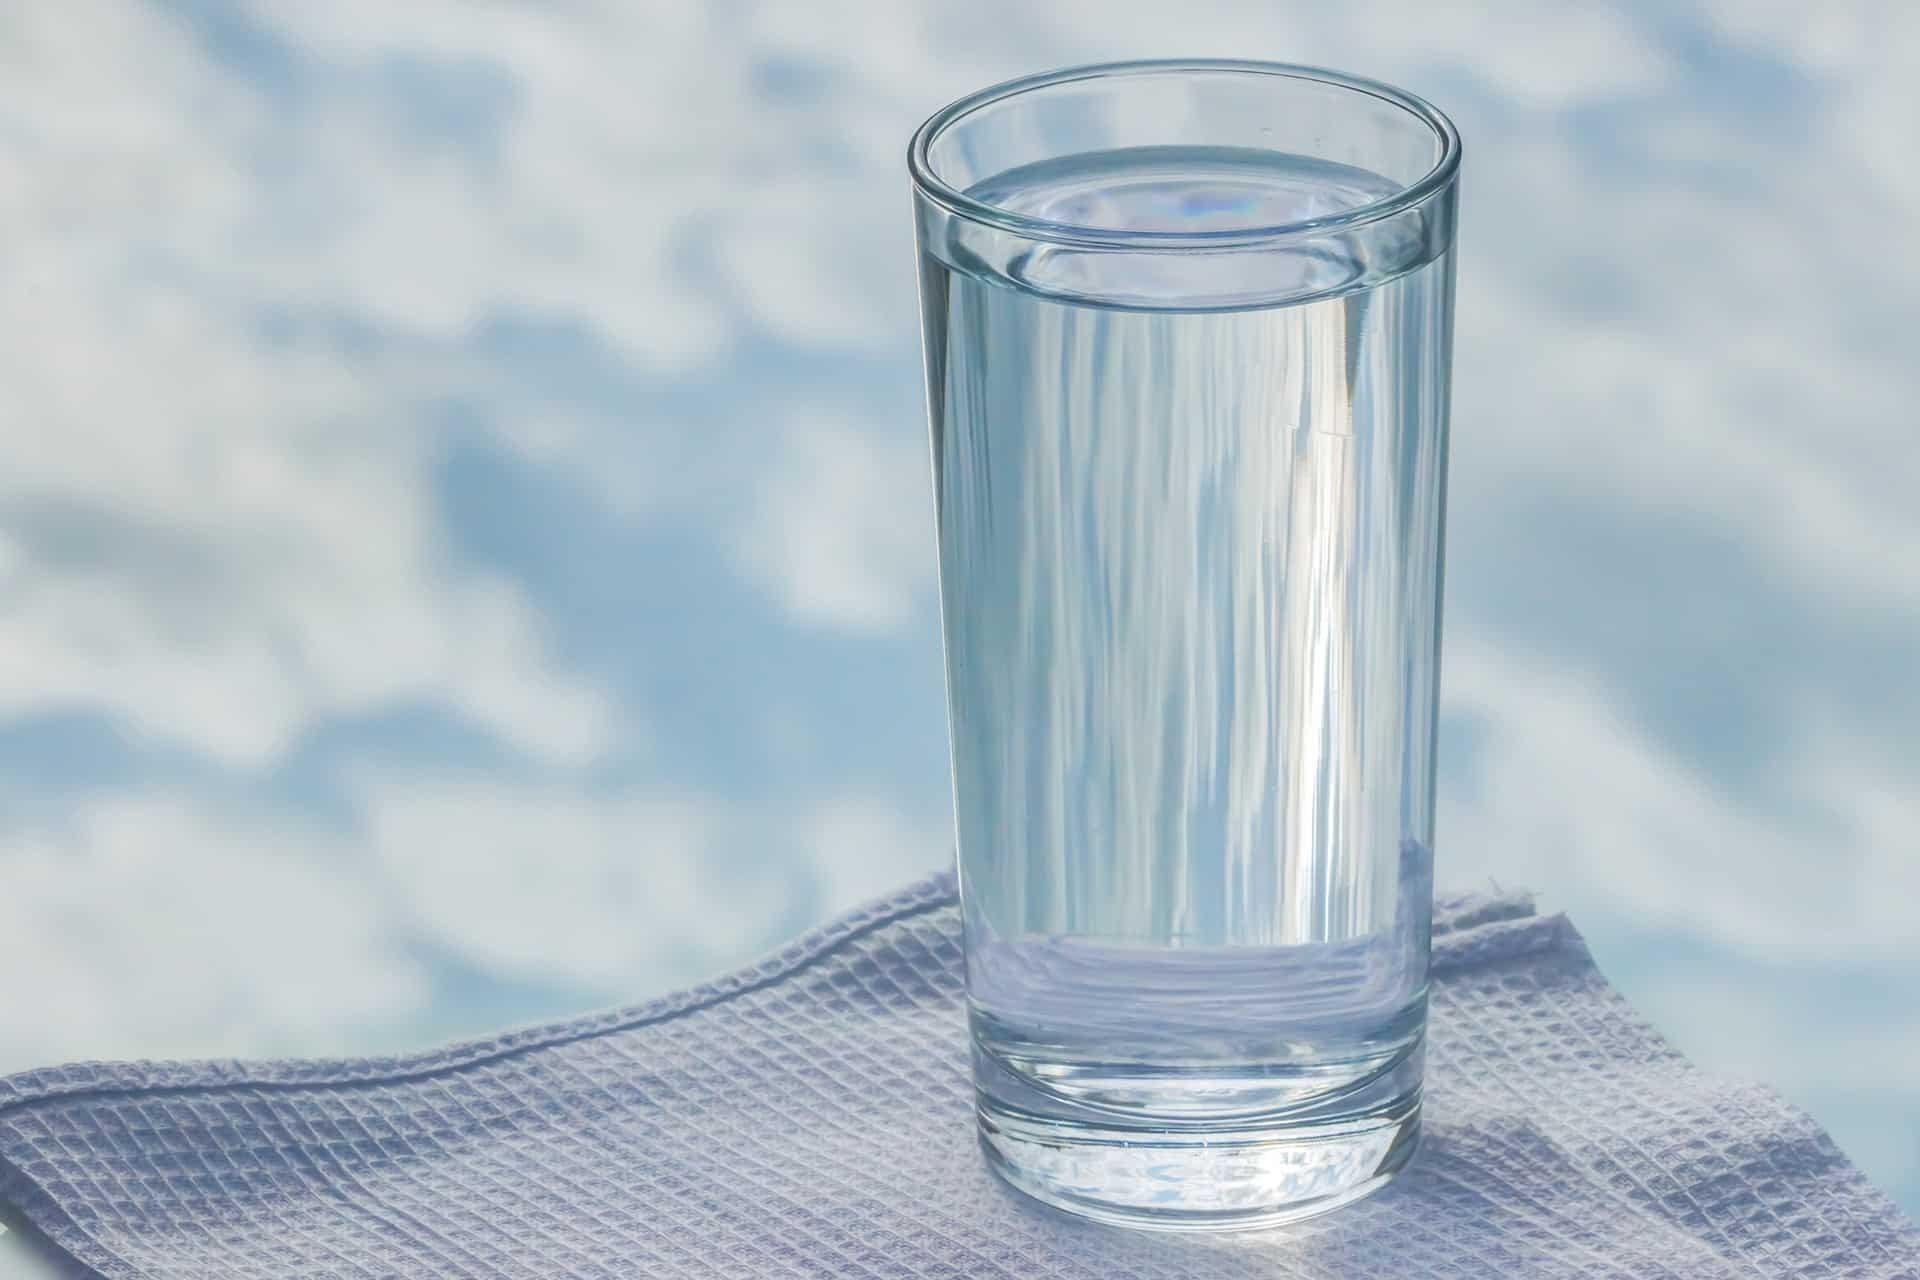 Fotografia de um copo de água para ilustração do item